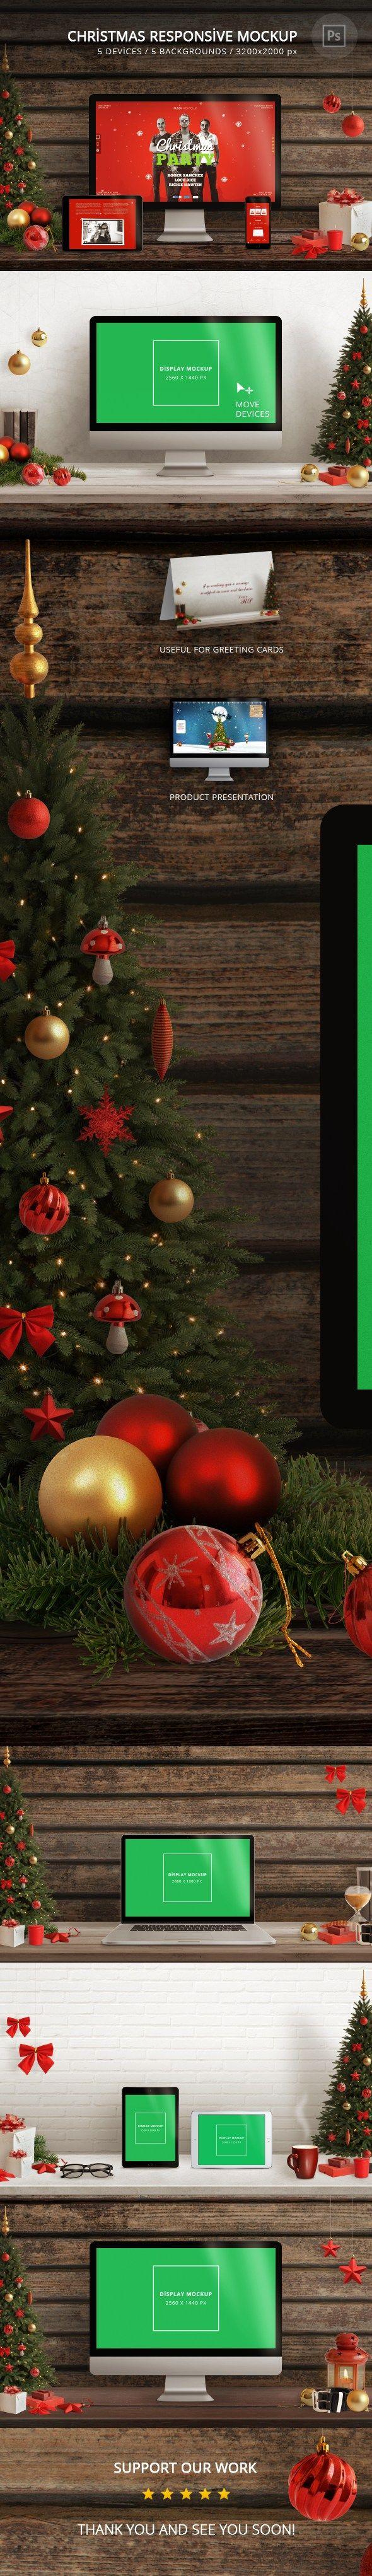 RSplaneta Graphic Design Christmas Responsive Mockup Lights